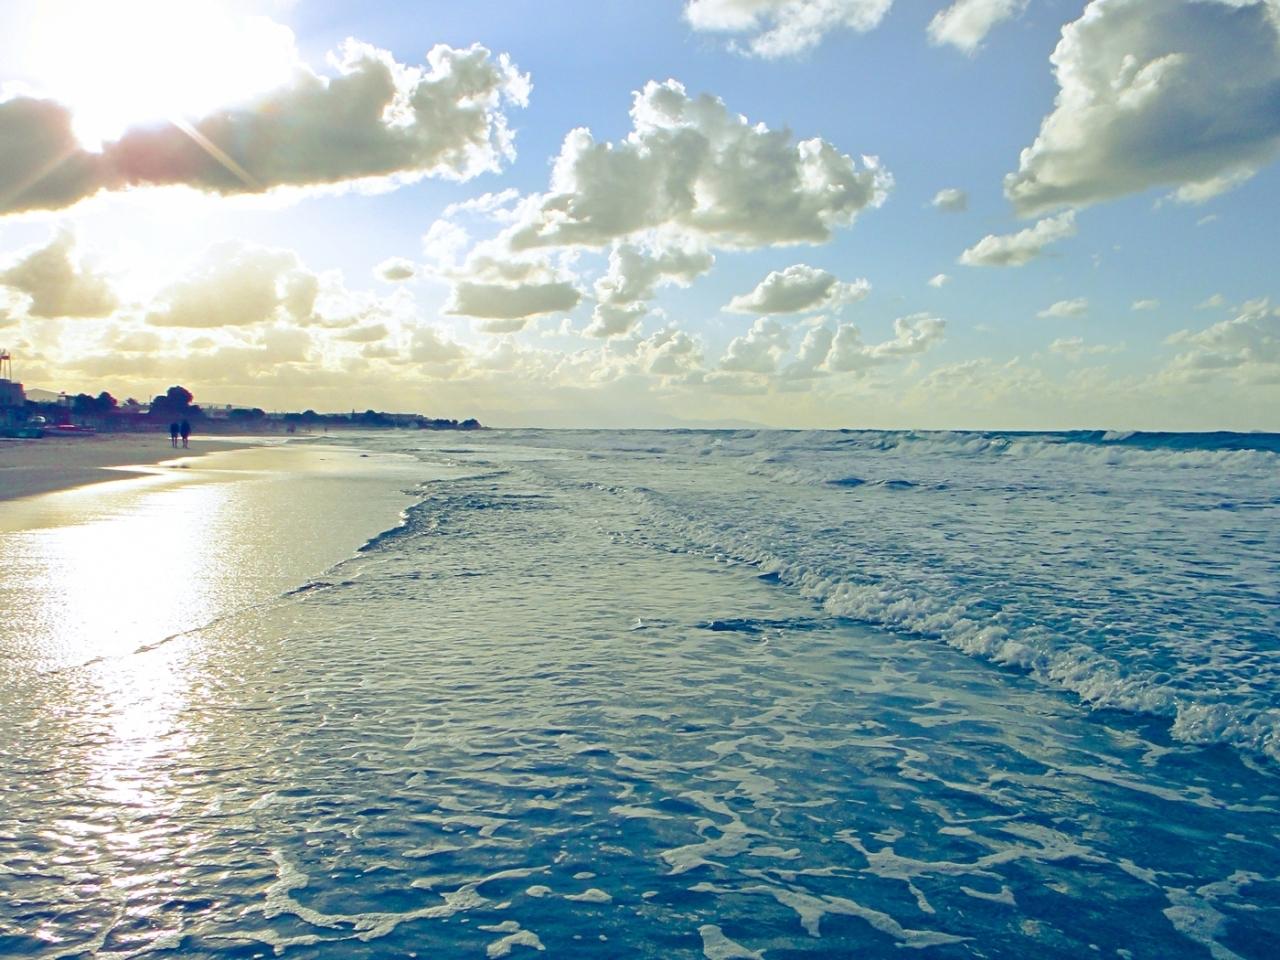 15580 скачать обои Пейзаж, Вода, Небо, Море, Пляж - заставки и картинки бесплатно